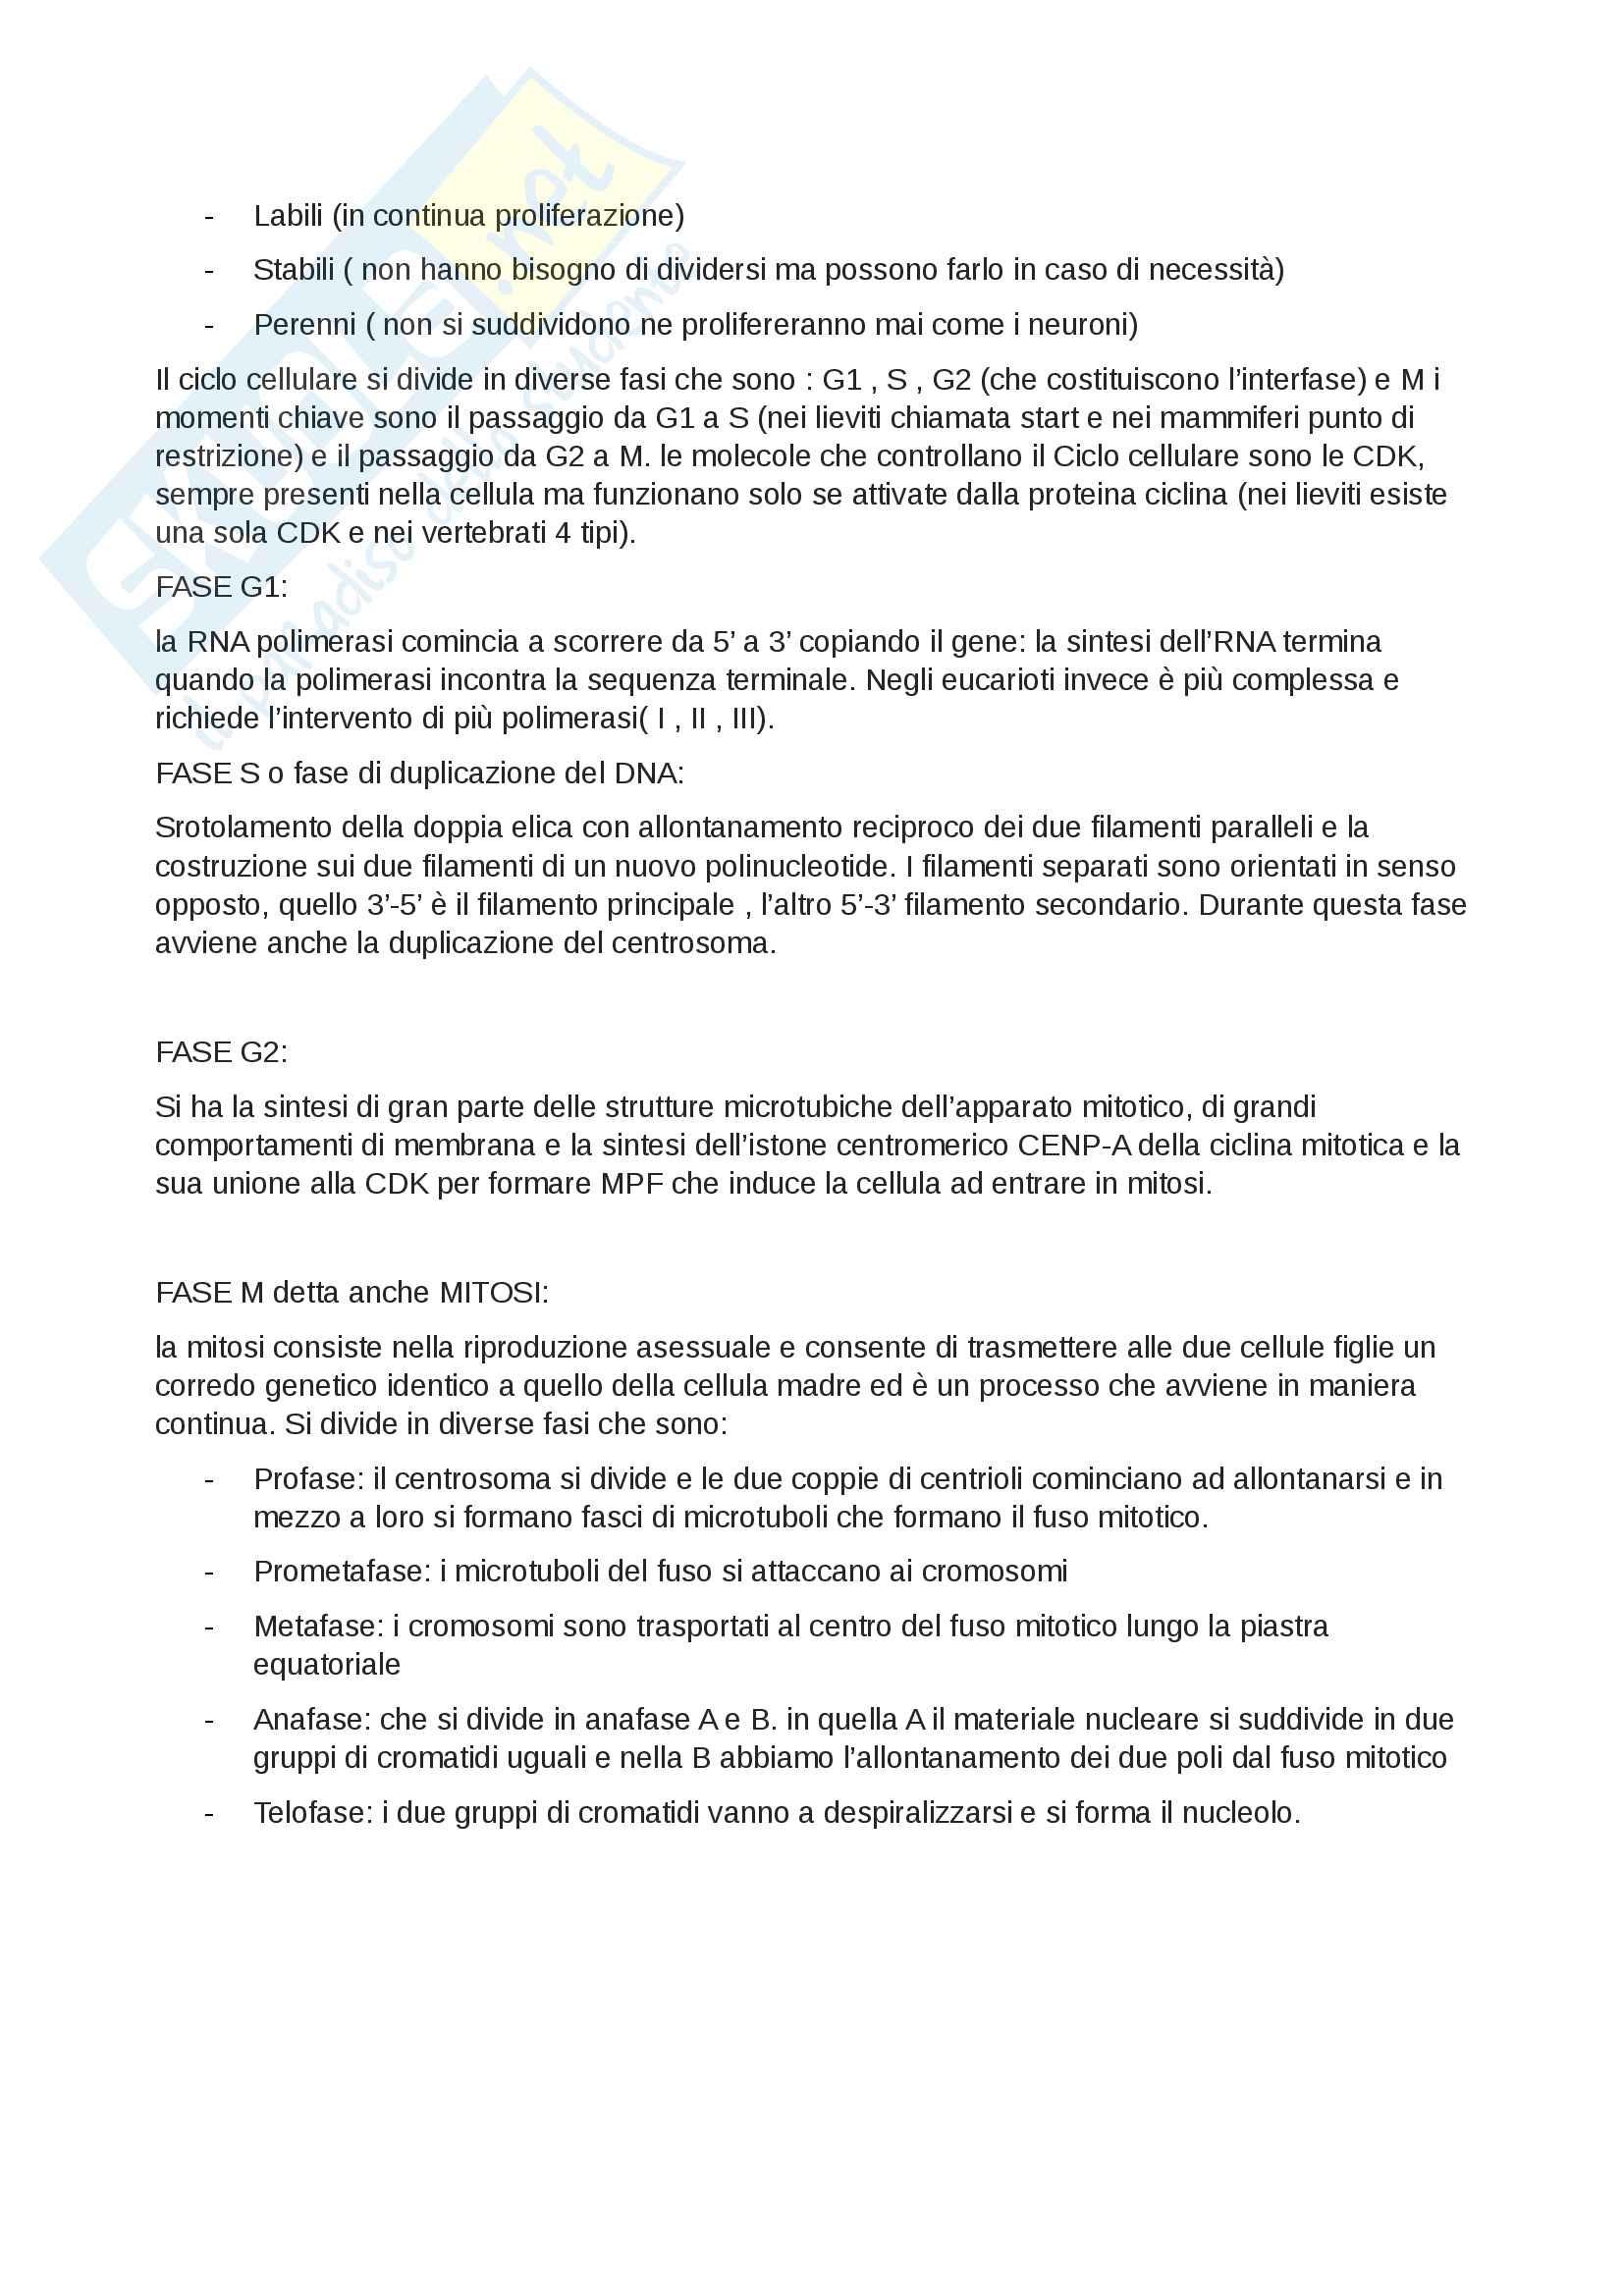 Riassunti di citologia Pag. 21